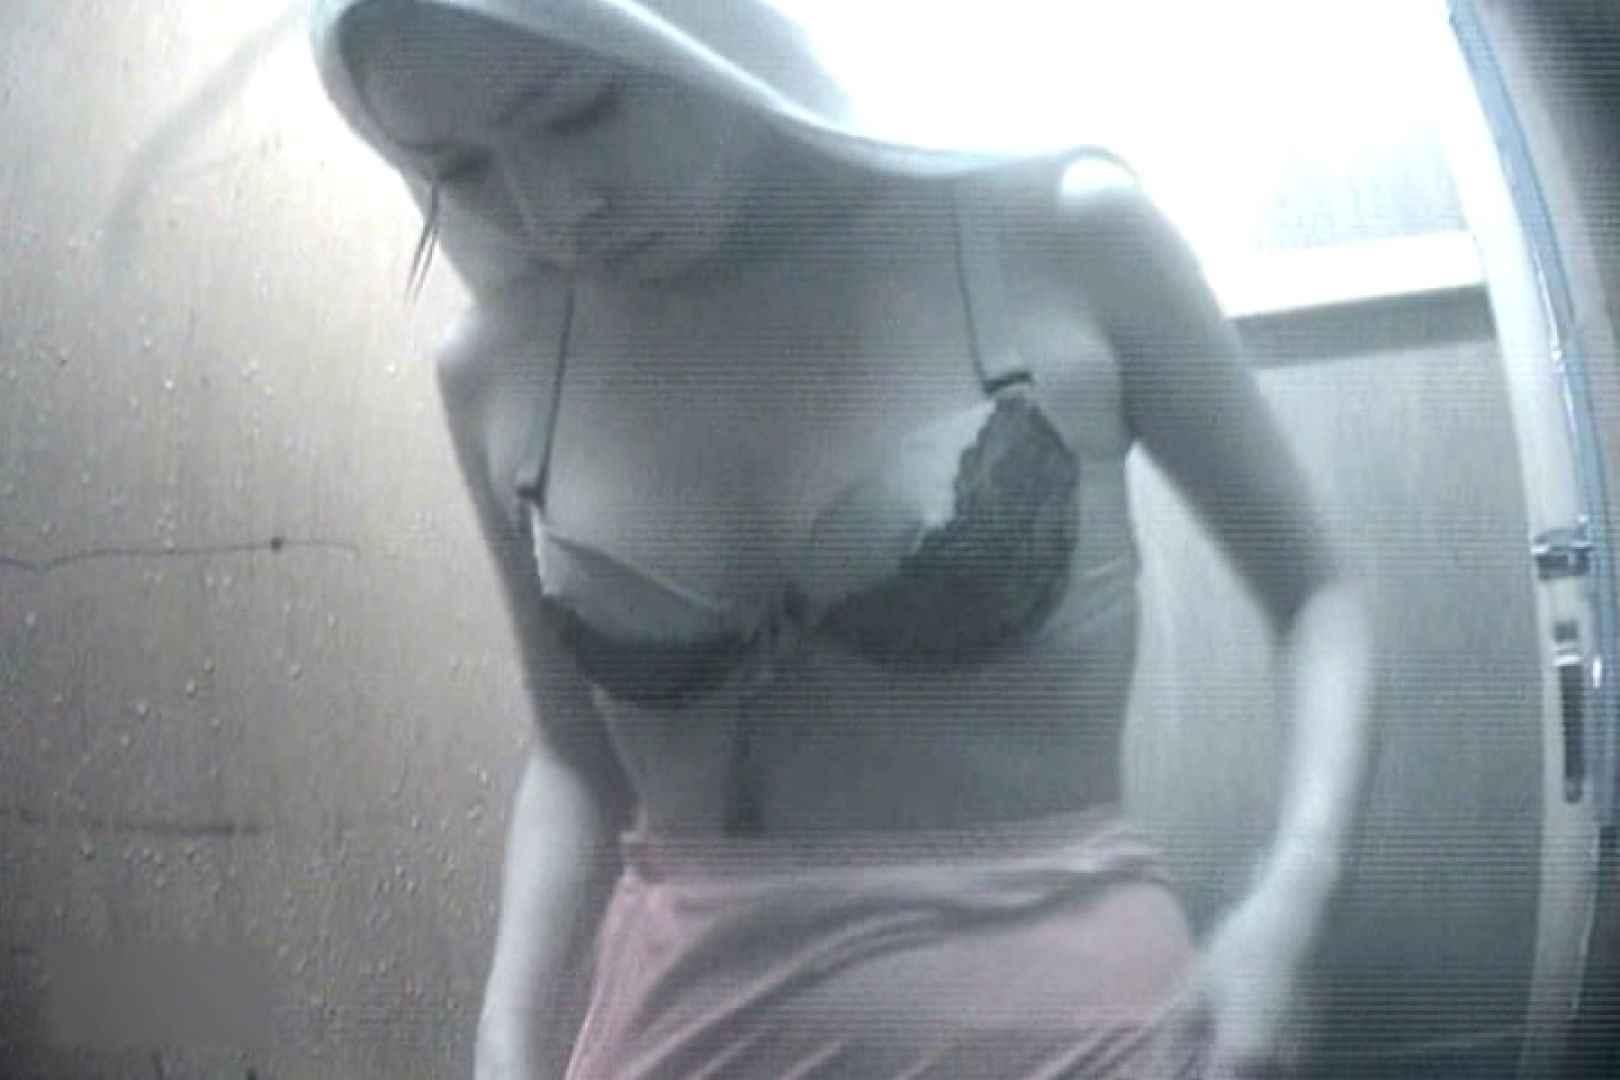 夏海シャワー室!ベトベトお肌をサラサラに!VOL.14 ギャル  81連発 35